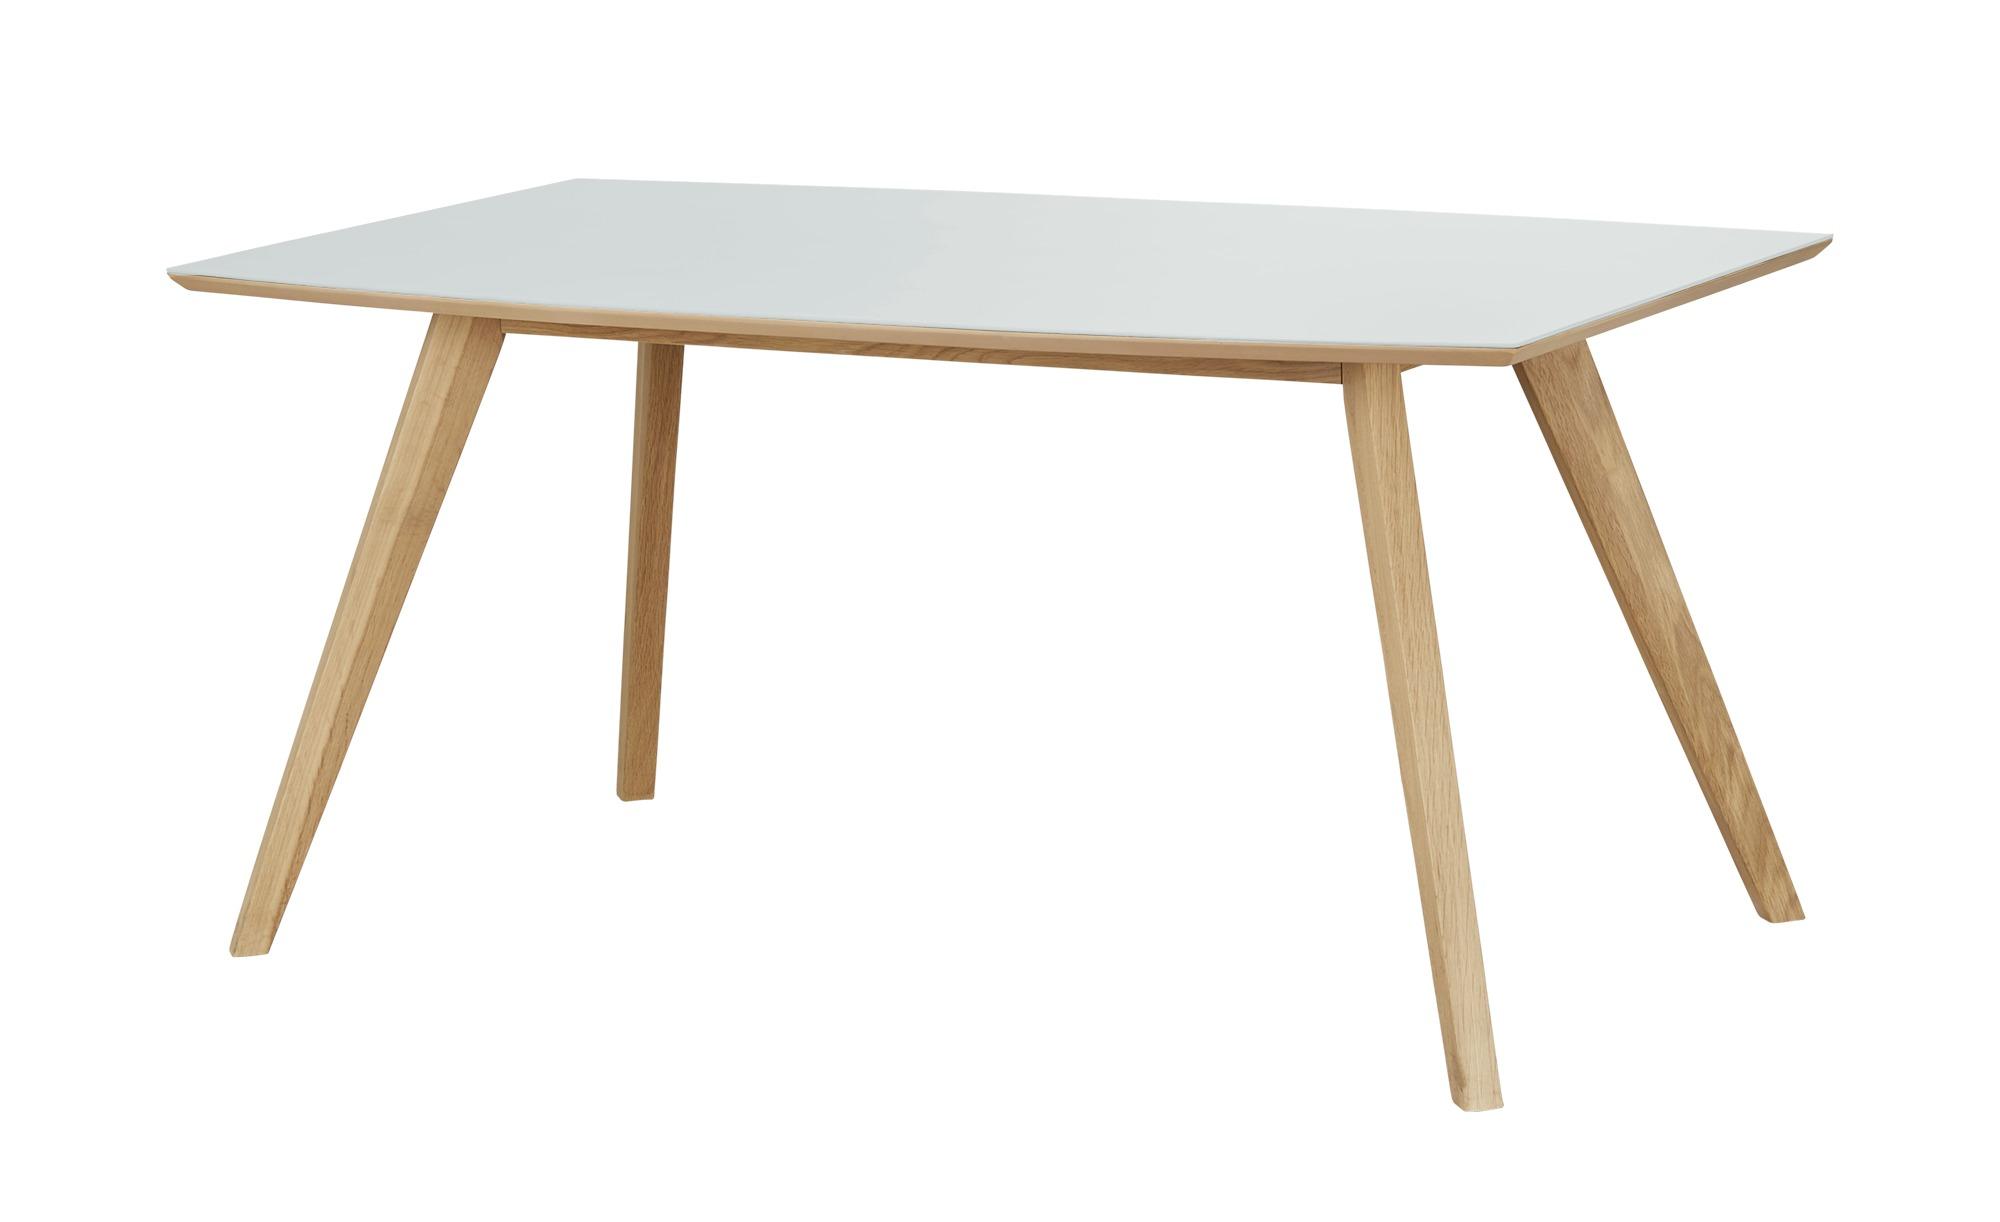 Woodford Esstisch  Bari ¦ weiß ¦ Maße (cm): B: 90 H: 75,6 Tische > Esstische > Esstische andere Formen - Höffner